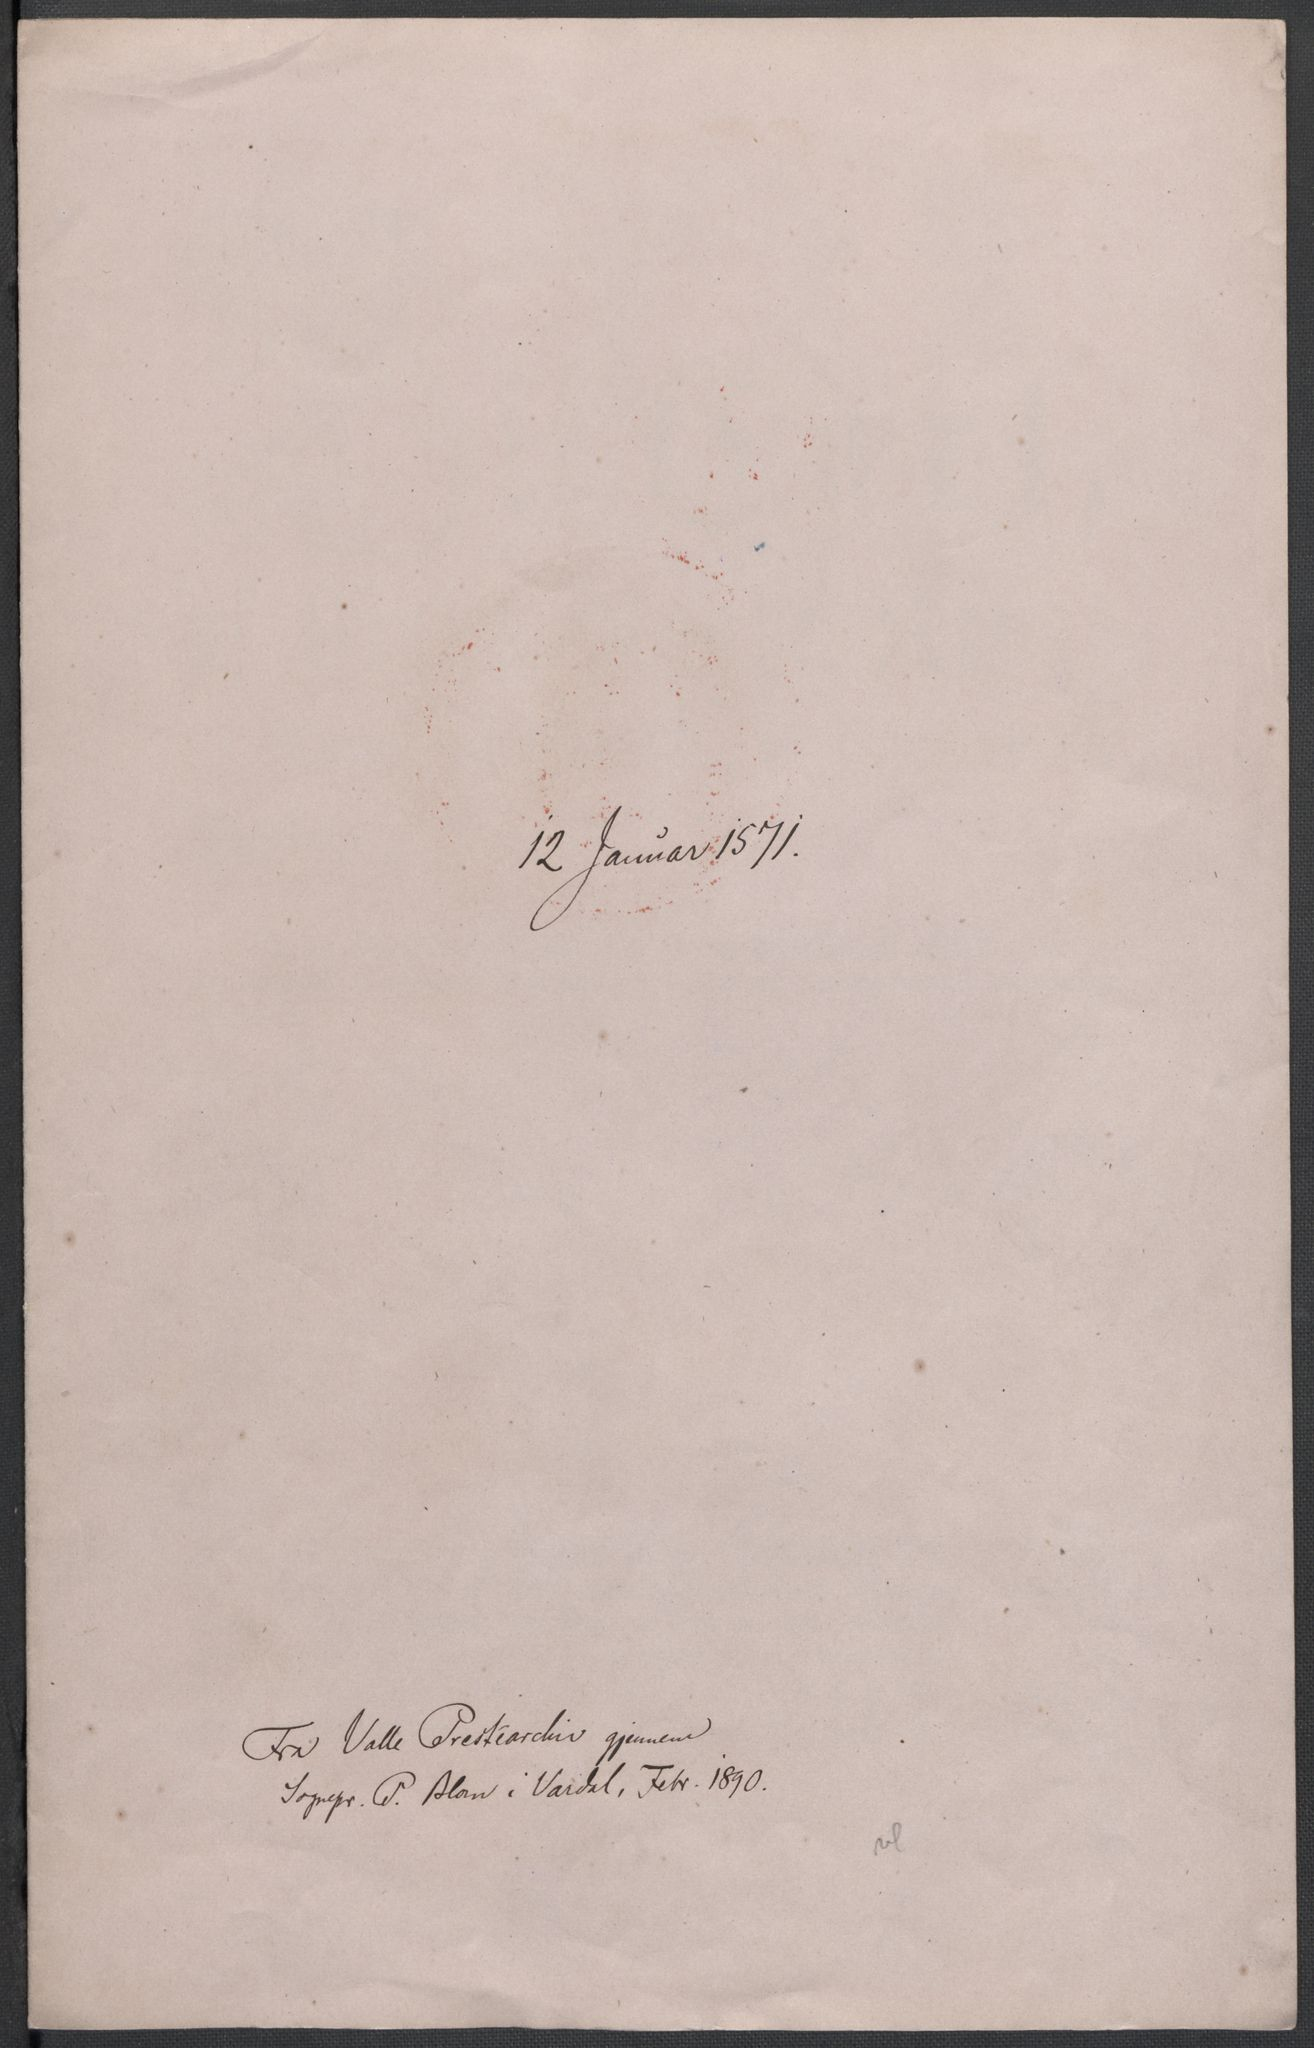 RA, Riksarkivets diplomsamling, F02/L0075: Dokumenter, 1570-1571, s. 54